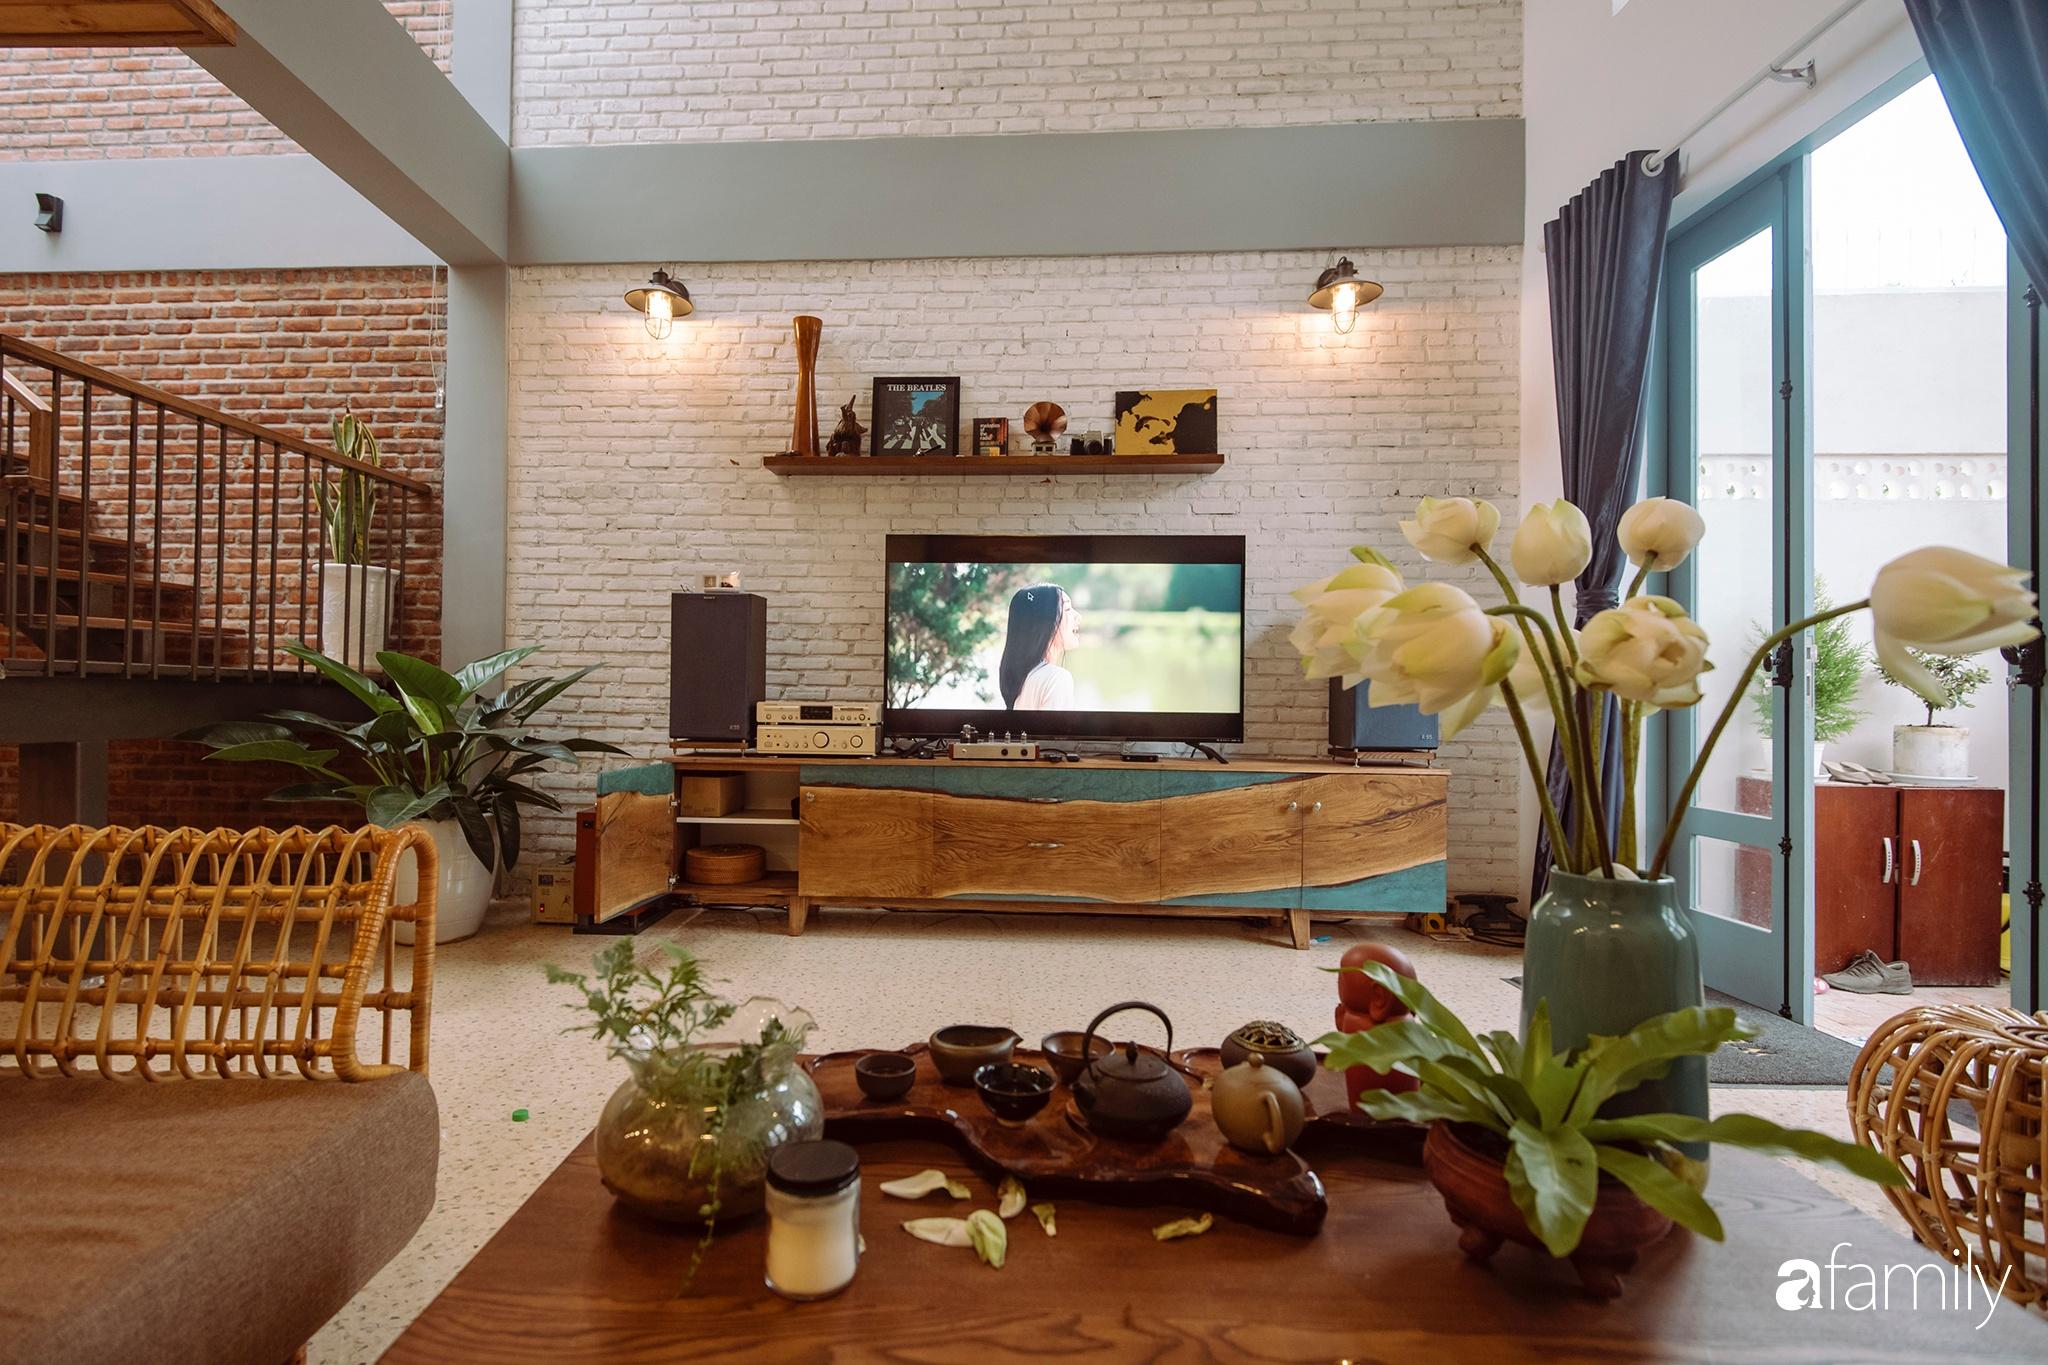 Ngôi nhà 80m² được xây dựng từ những ký ức tuổi thơ yên bình ở thành phố biển Đà Nẵng - Ảnh 7.